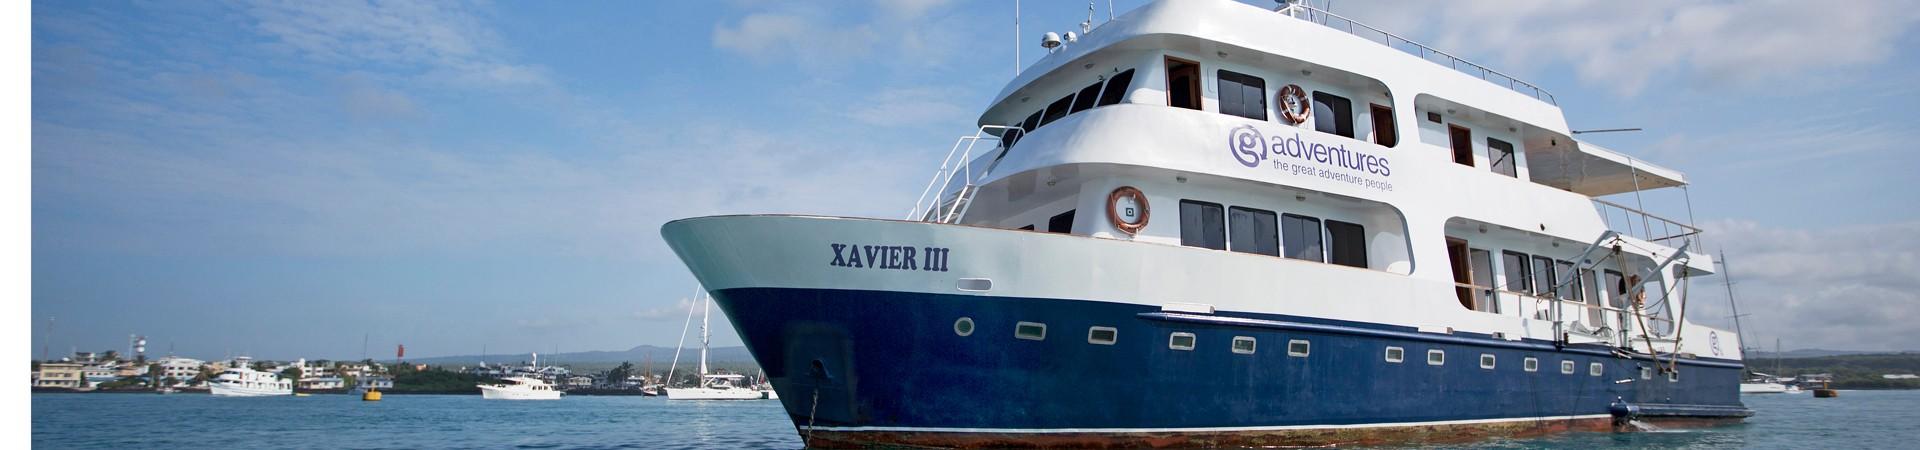 Xavier III